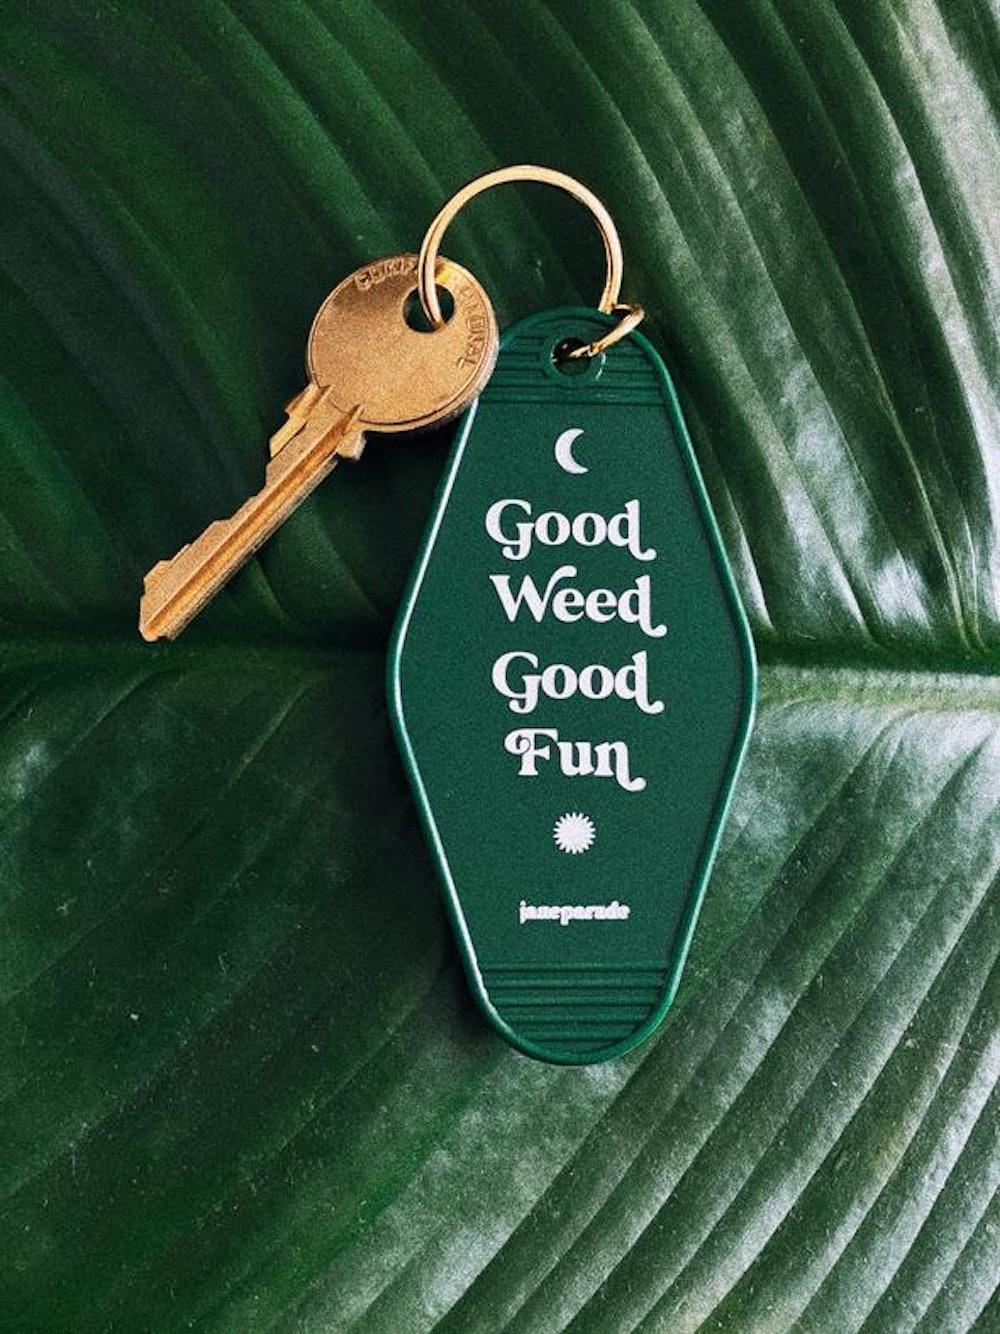 Good Fun Motel Keychain